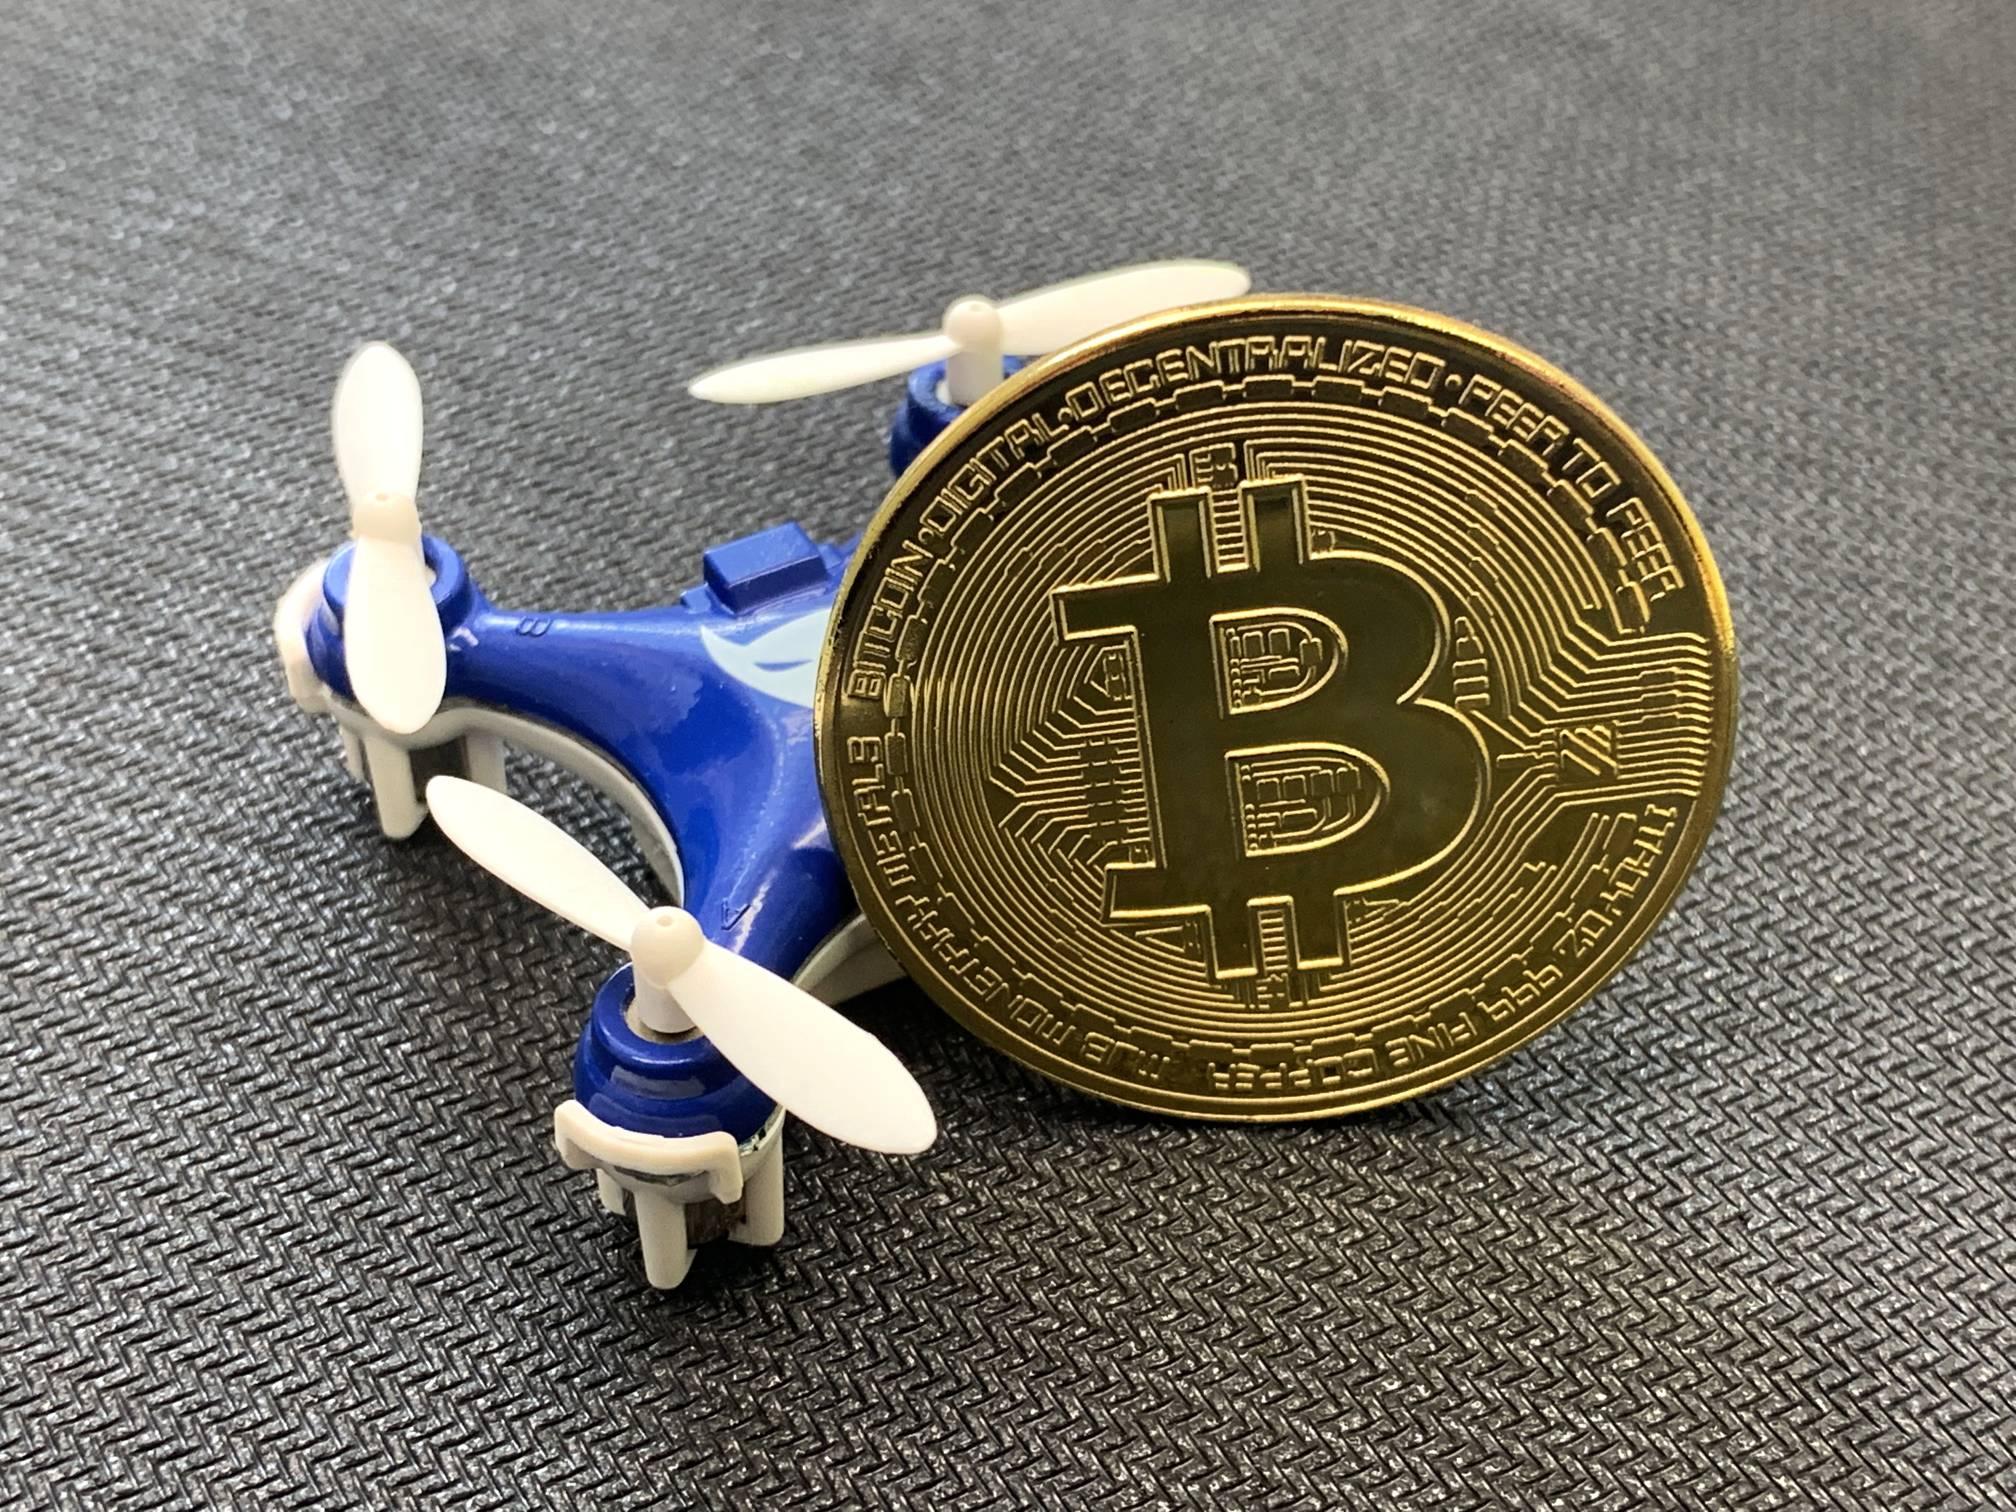 Bitcoin Next to Tiny Drone